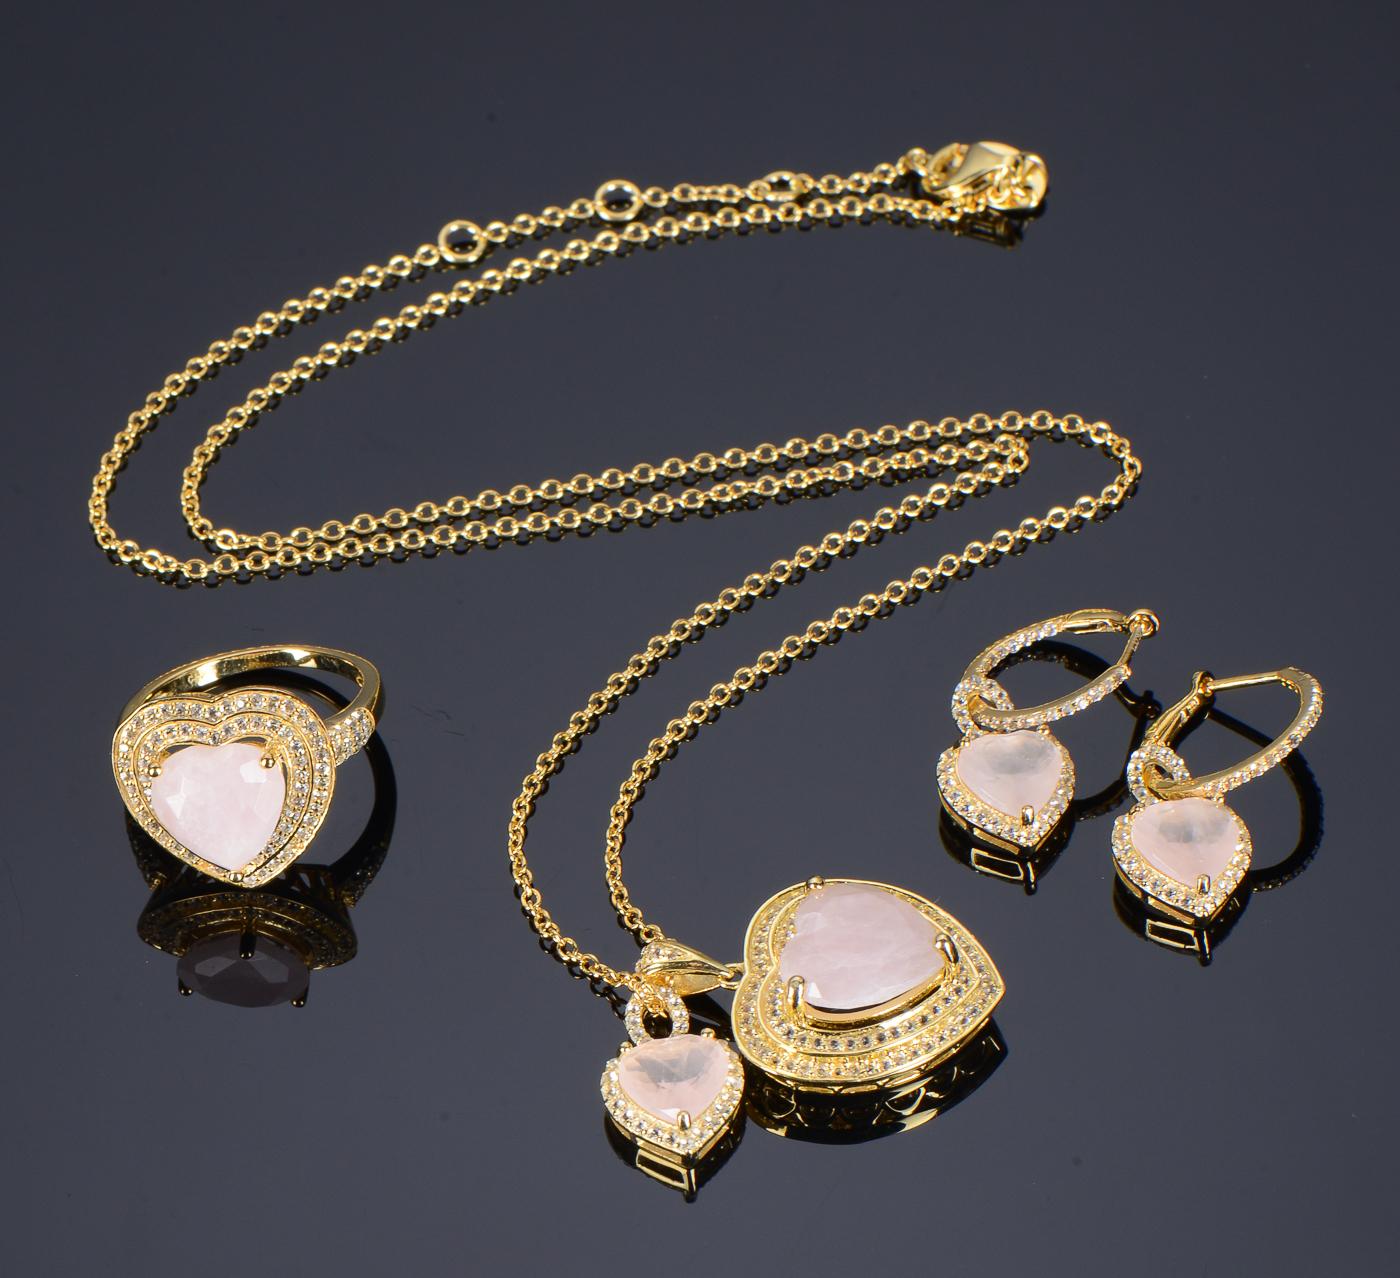 Smykkesæt af forgyldt sølv med rosenkvarts og topas - Smykkesæt af forgyldt sterling sølv, bestående af større hjertevedhæng prydet med rosenkvarts omkranset af pavéfattede farveløse topaser. Mål af hjertet: ca 2 x 2 cm. Samt mindre hjerte vedhæng. Dertil lang halskæde: L: ca 49 cm. Endvidere...